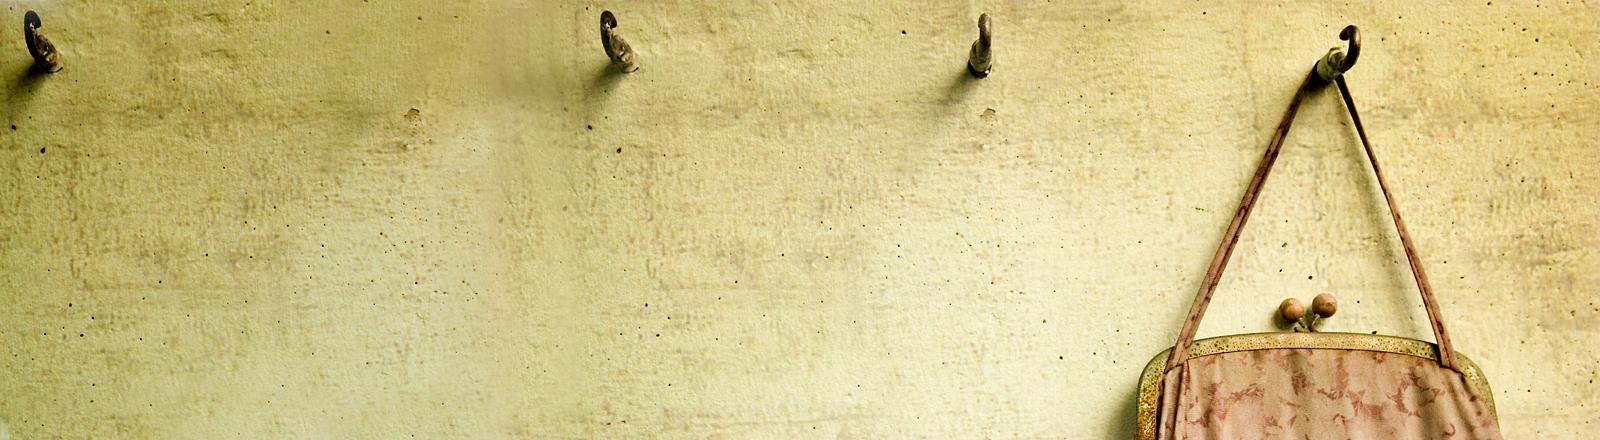 Eine alte Stofftasche hängt an einer Wand